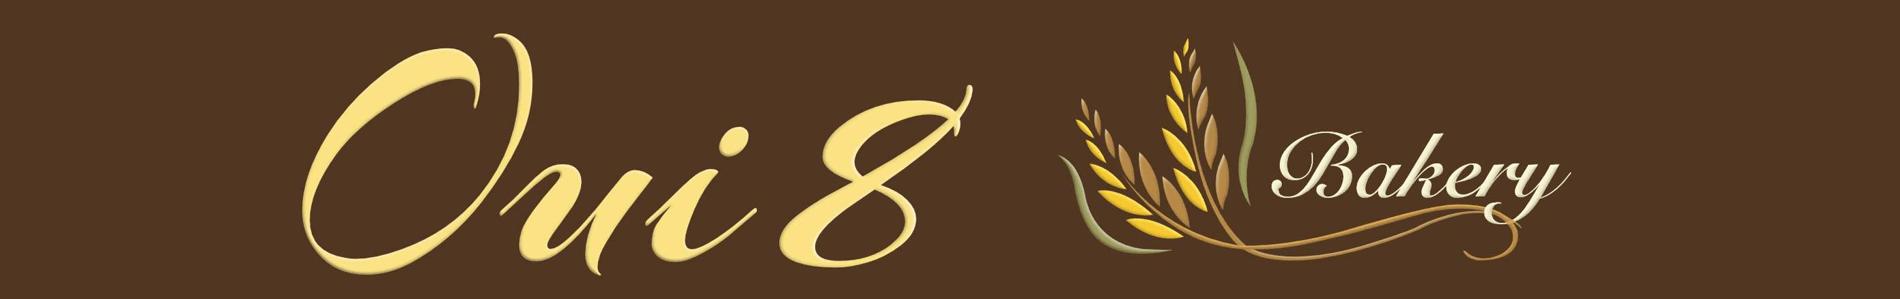 oui8 bakery kanata ottawa ontario logo